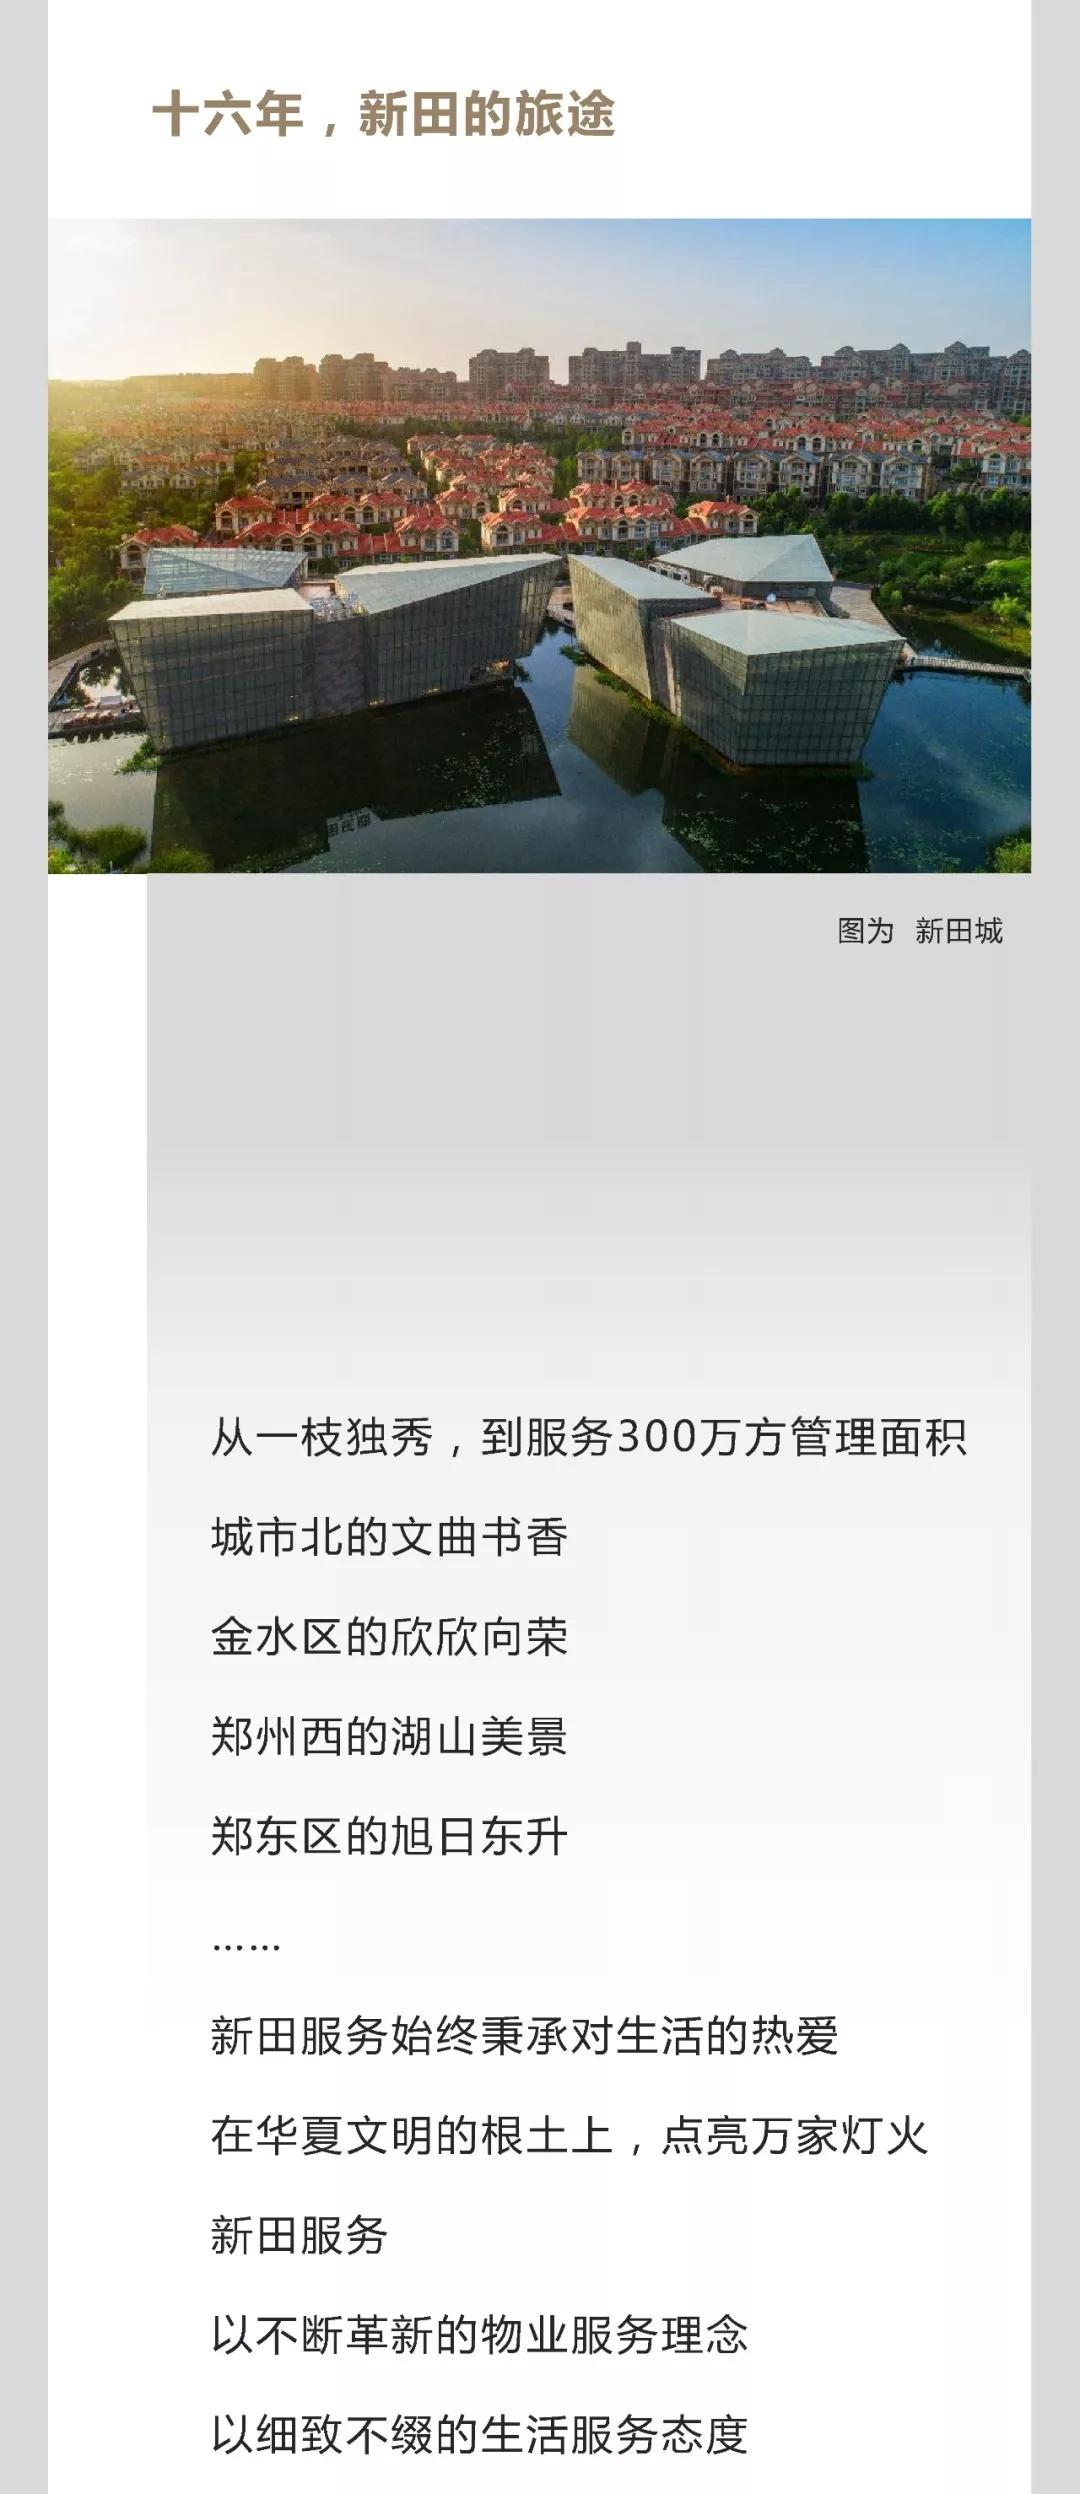 03.webp.jpg